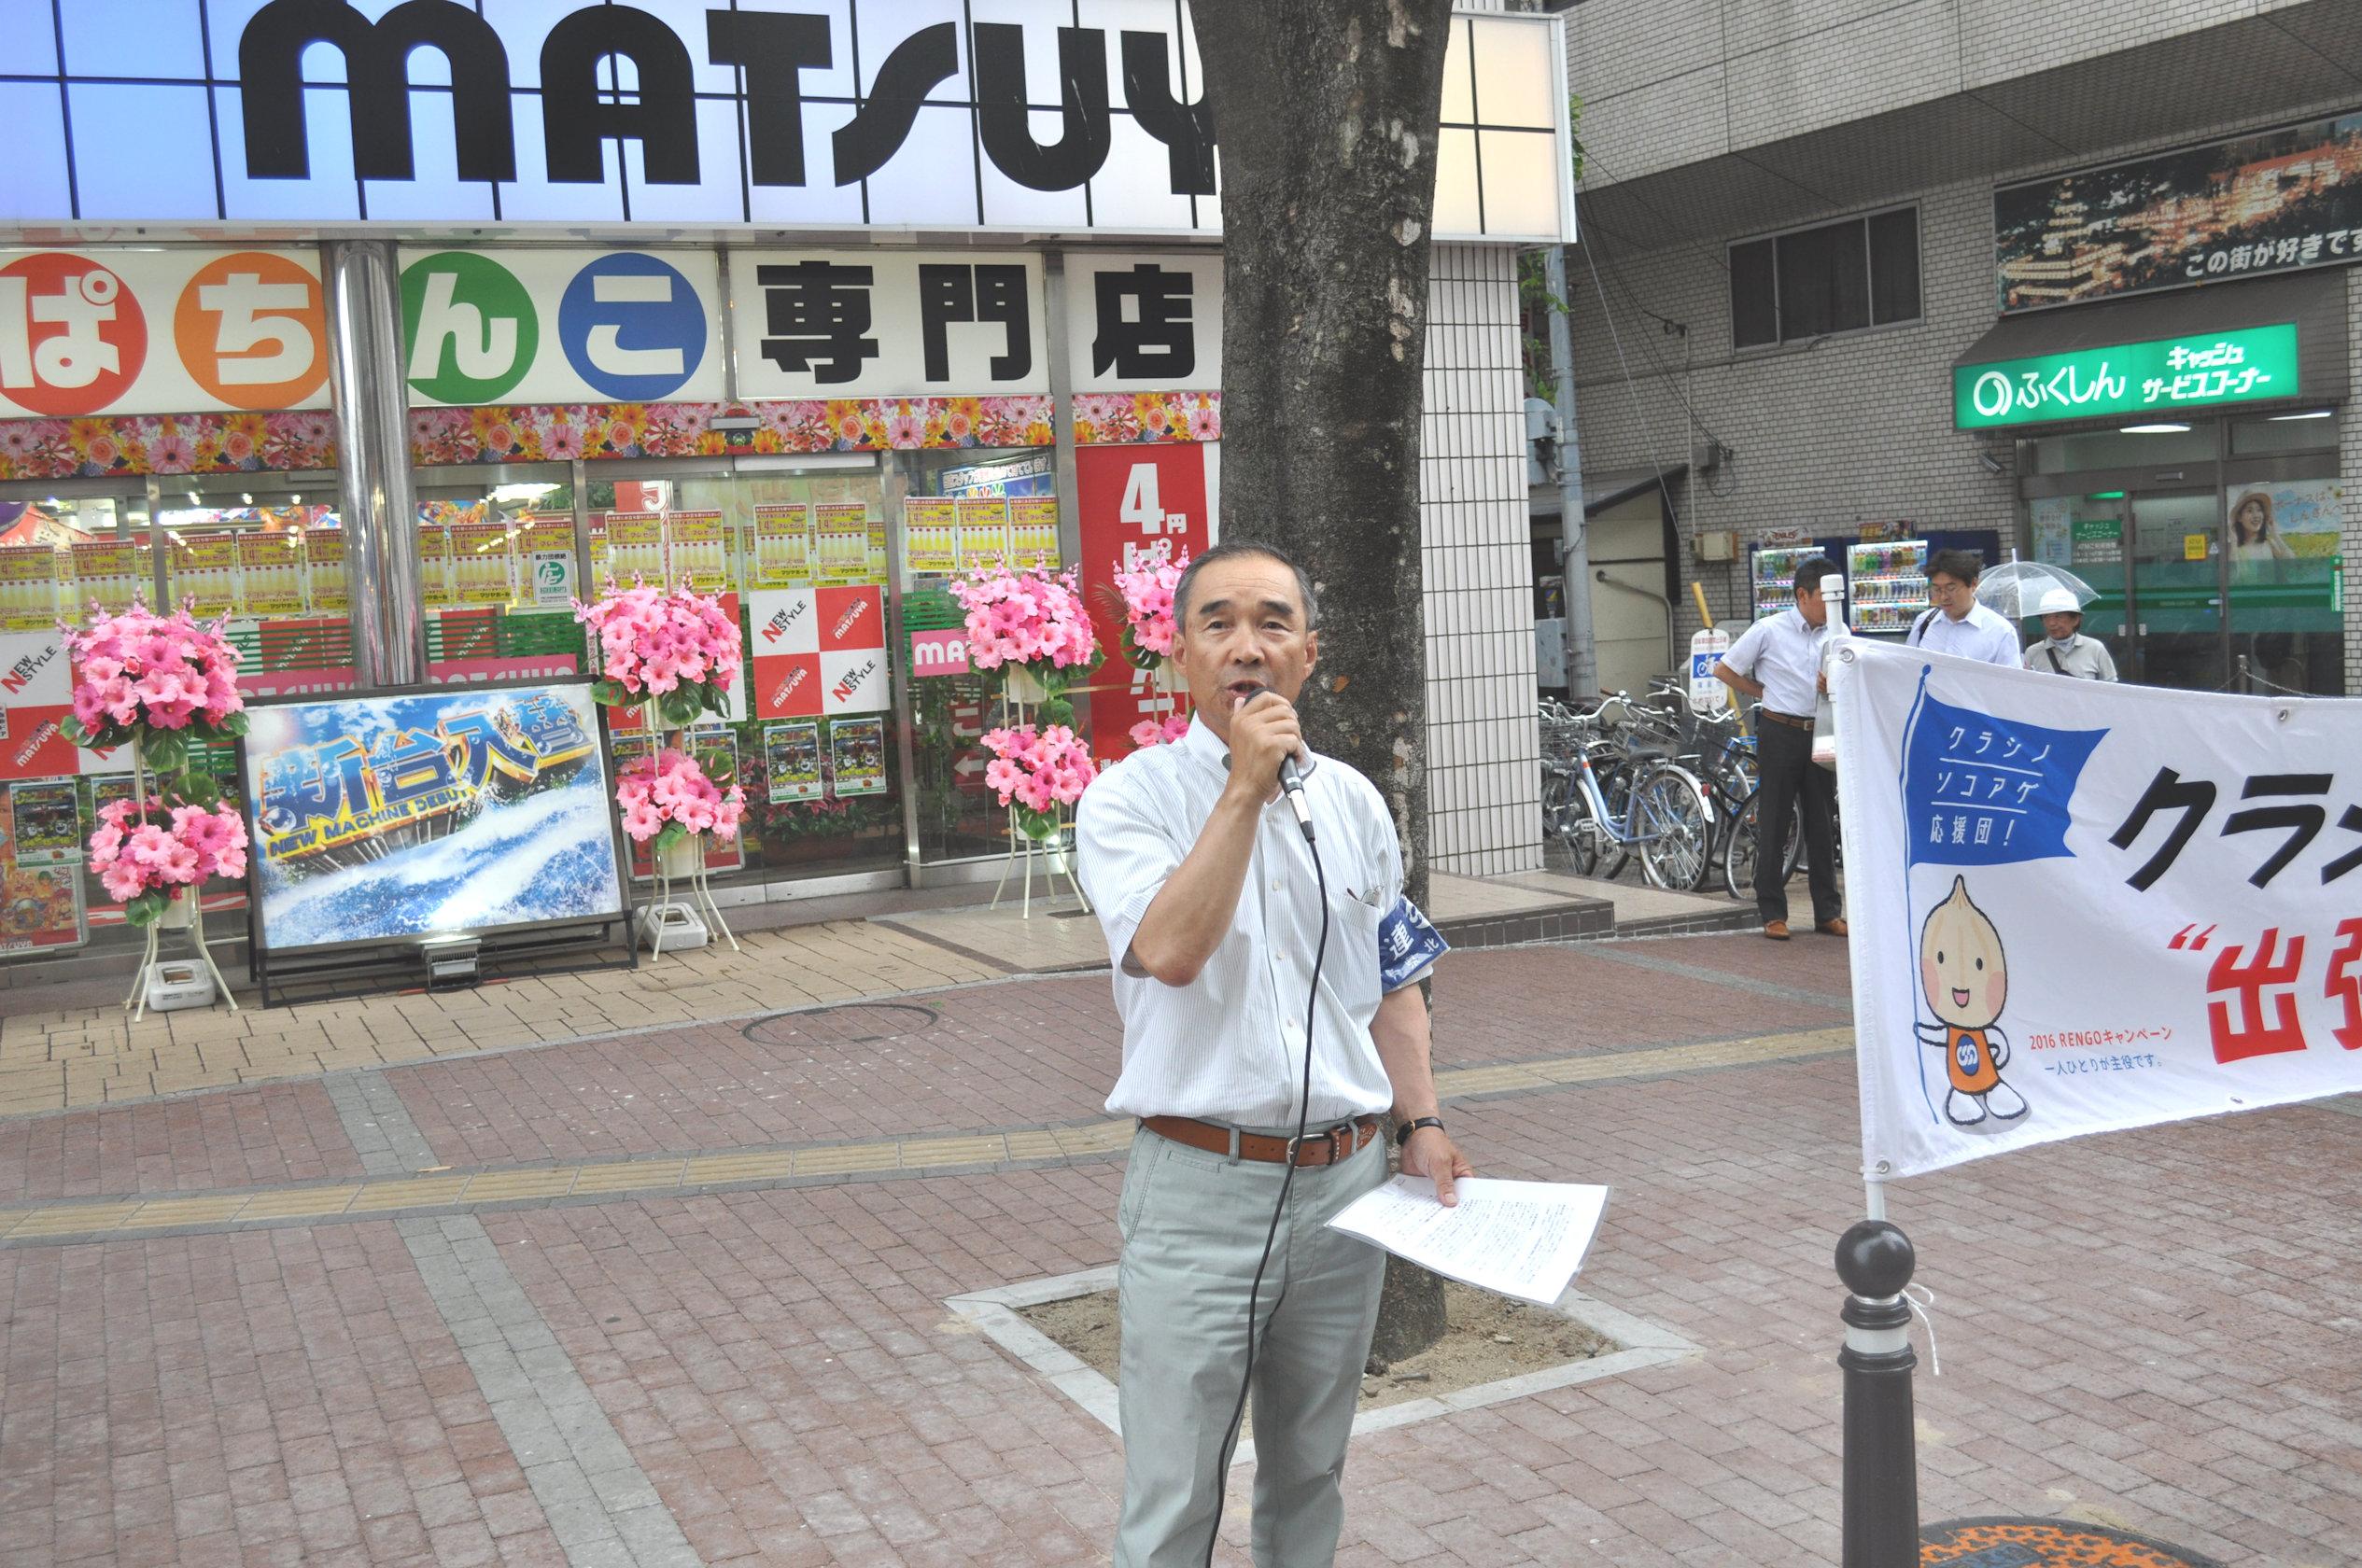 応援団の取り組み「働き方改革関連法をめぐる労働課題」を訴える 鈴木三男 連合福島副会長